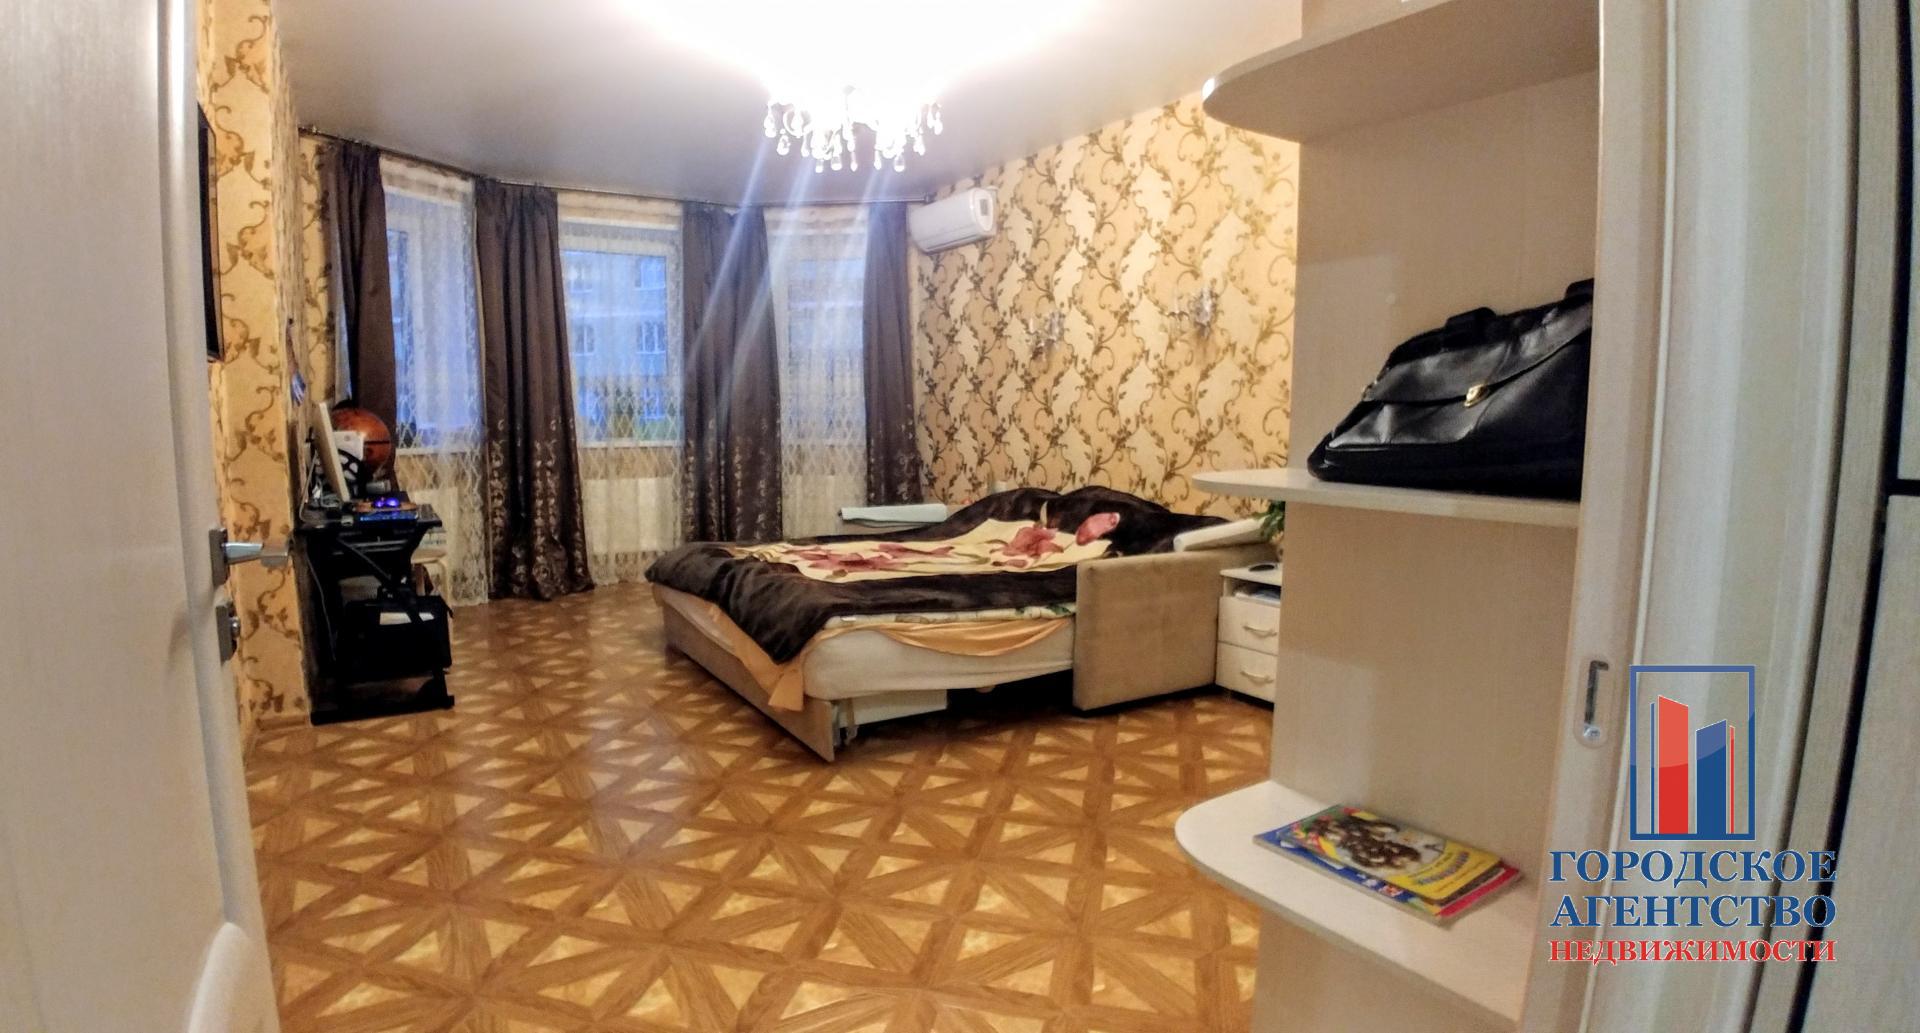 Продается однокомнатная квартира за 3 500 000 рублей. Московская обл, г Серпухов, ул Стадионная, д 1 к 2.